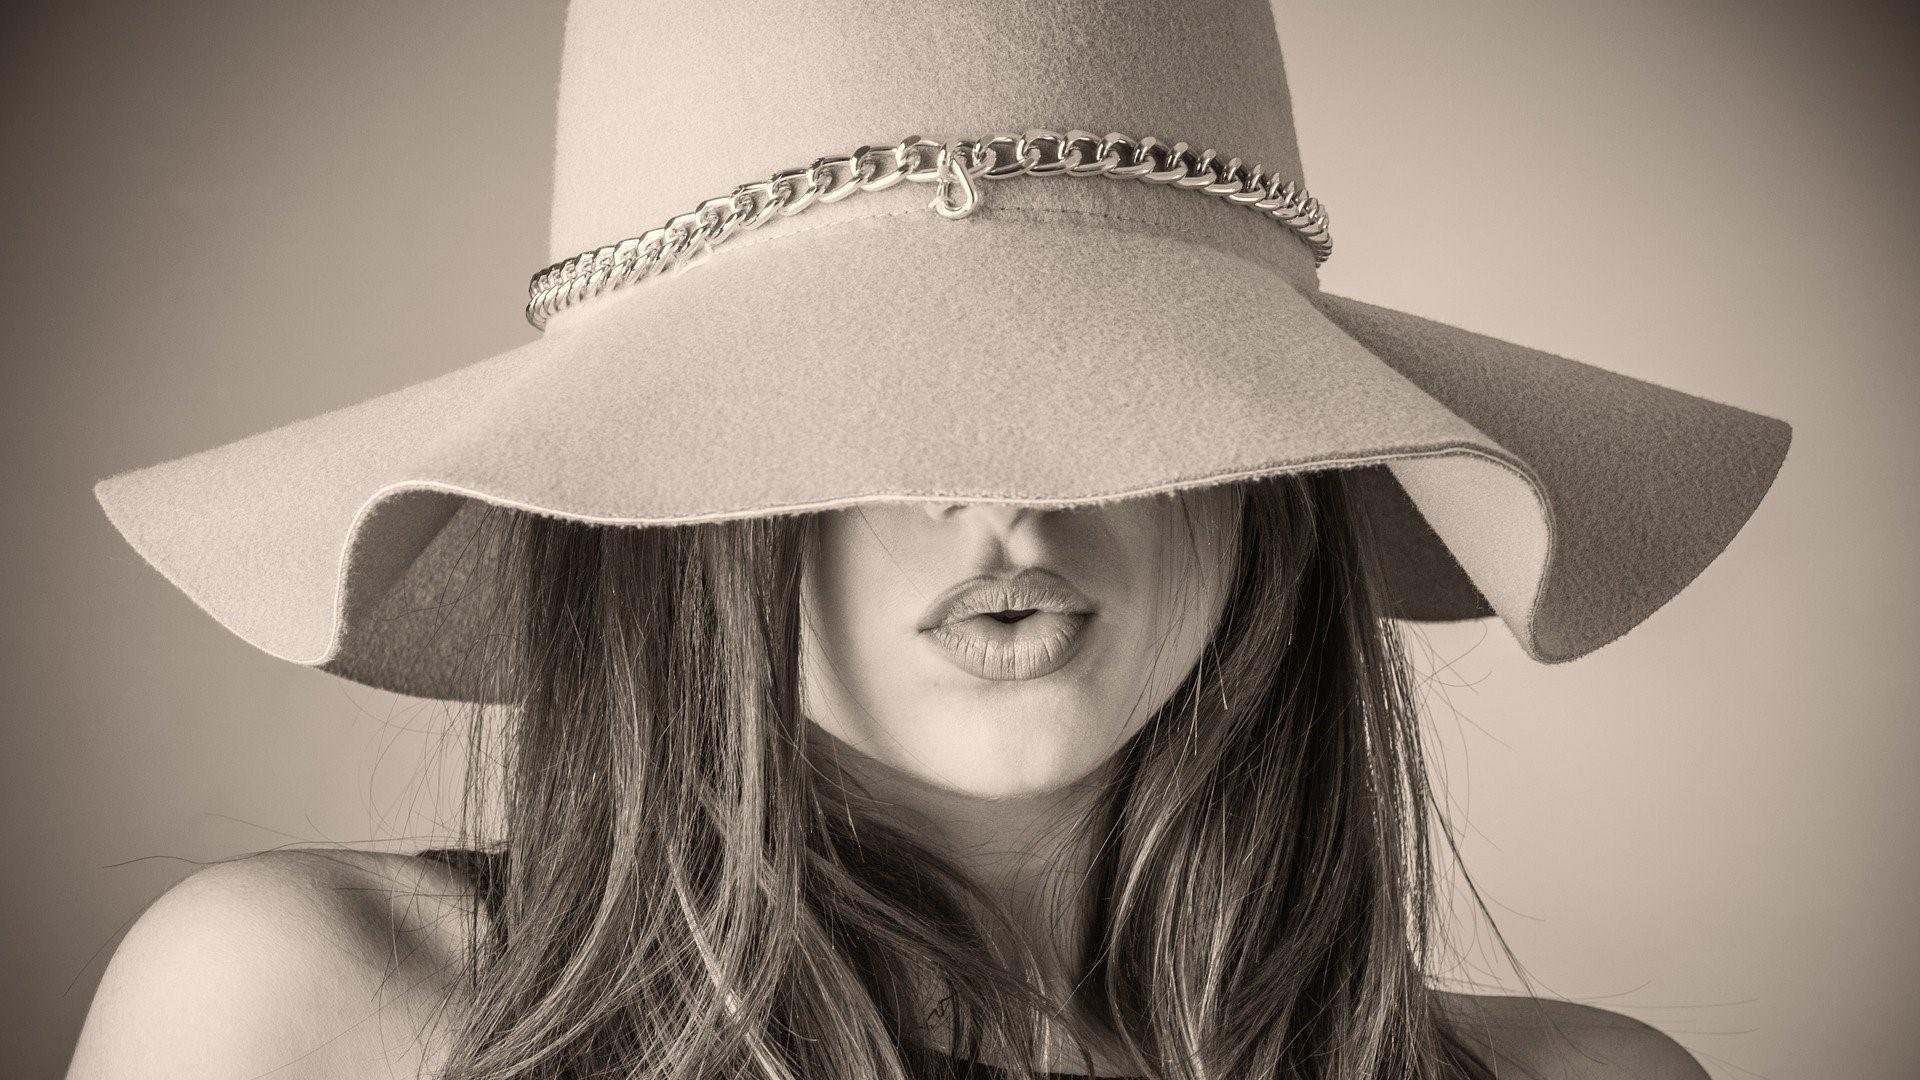 Fettiges Haar verstecken - beispielsweise mit einem Hut